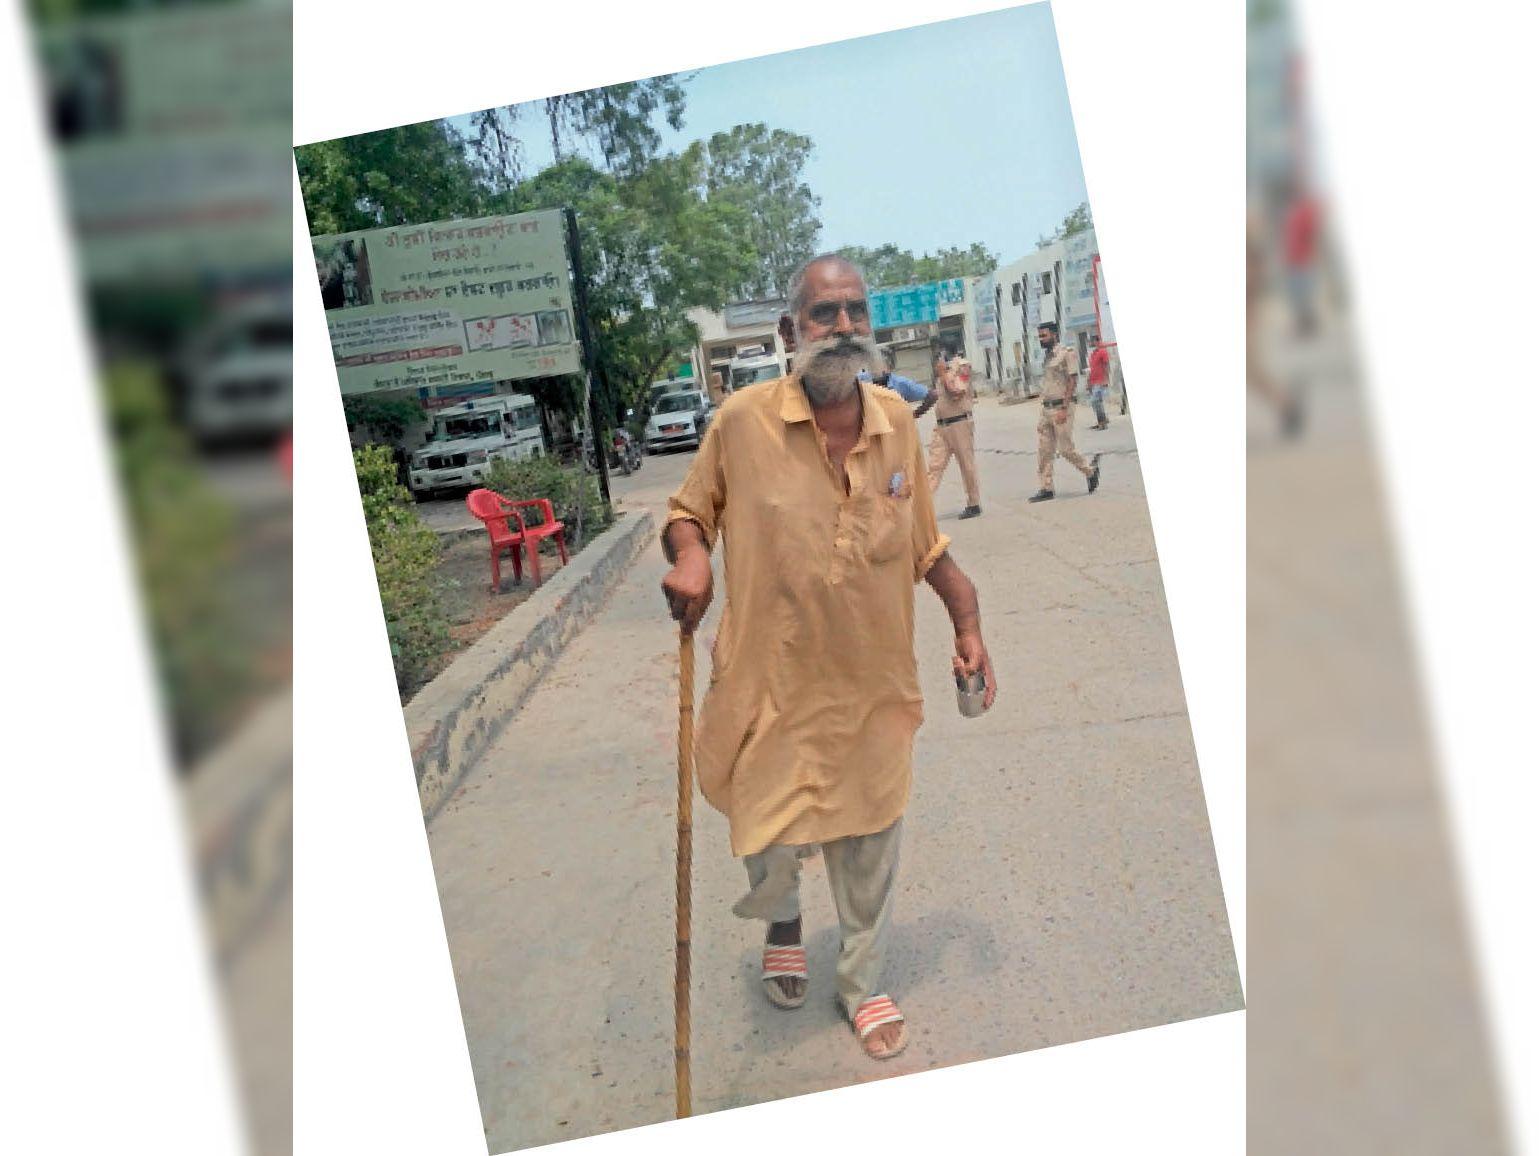 फाजिल्का अस्पताल में उपचार न मिलने पर वापस लौटता बुजुर्ग। - Dainik Bhaskar